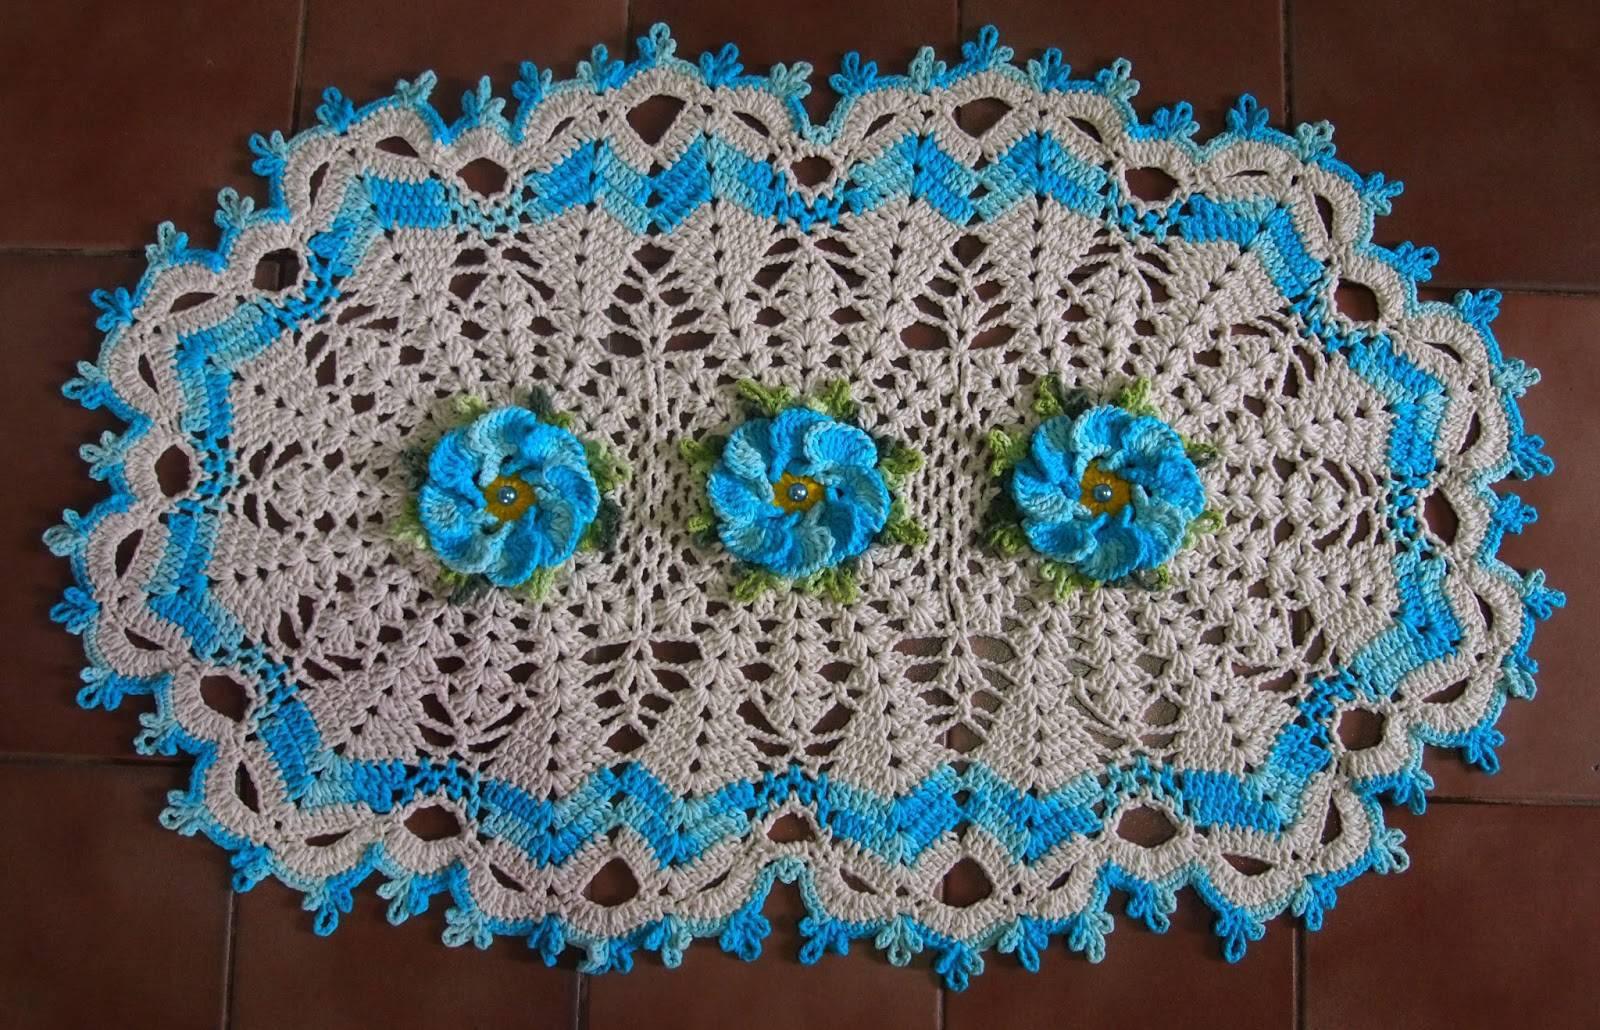 tapetes de barbante com flores azuis